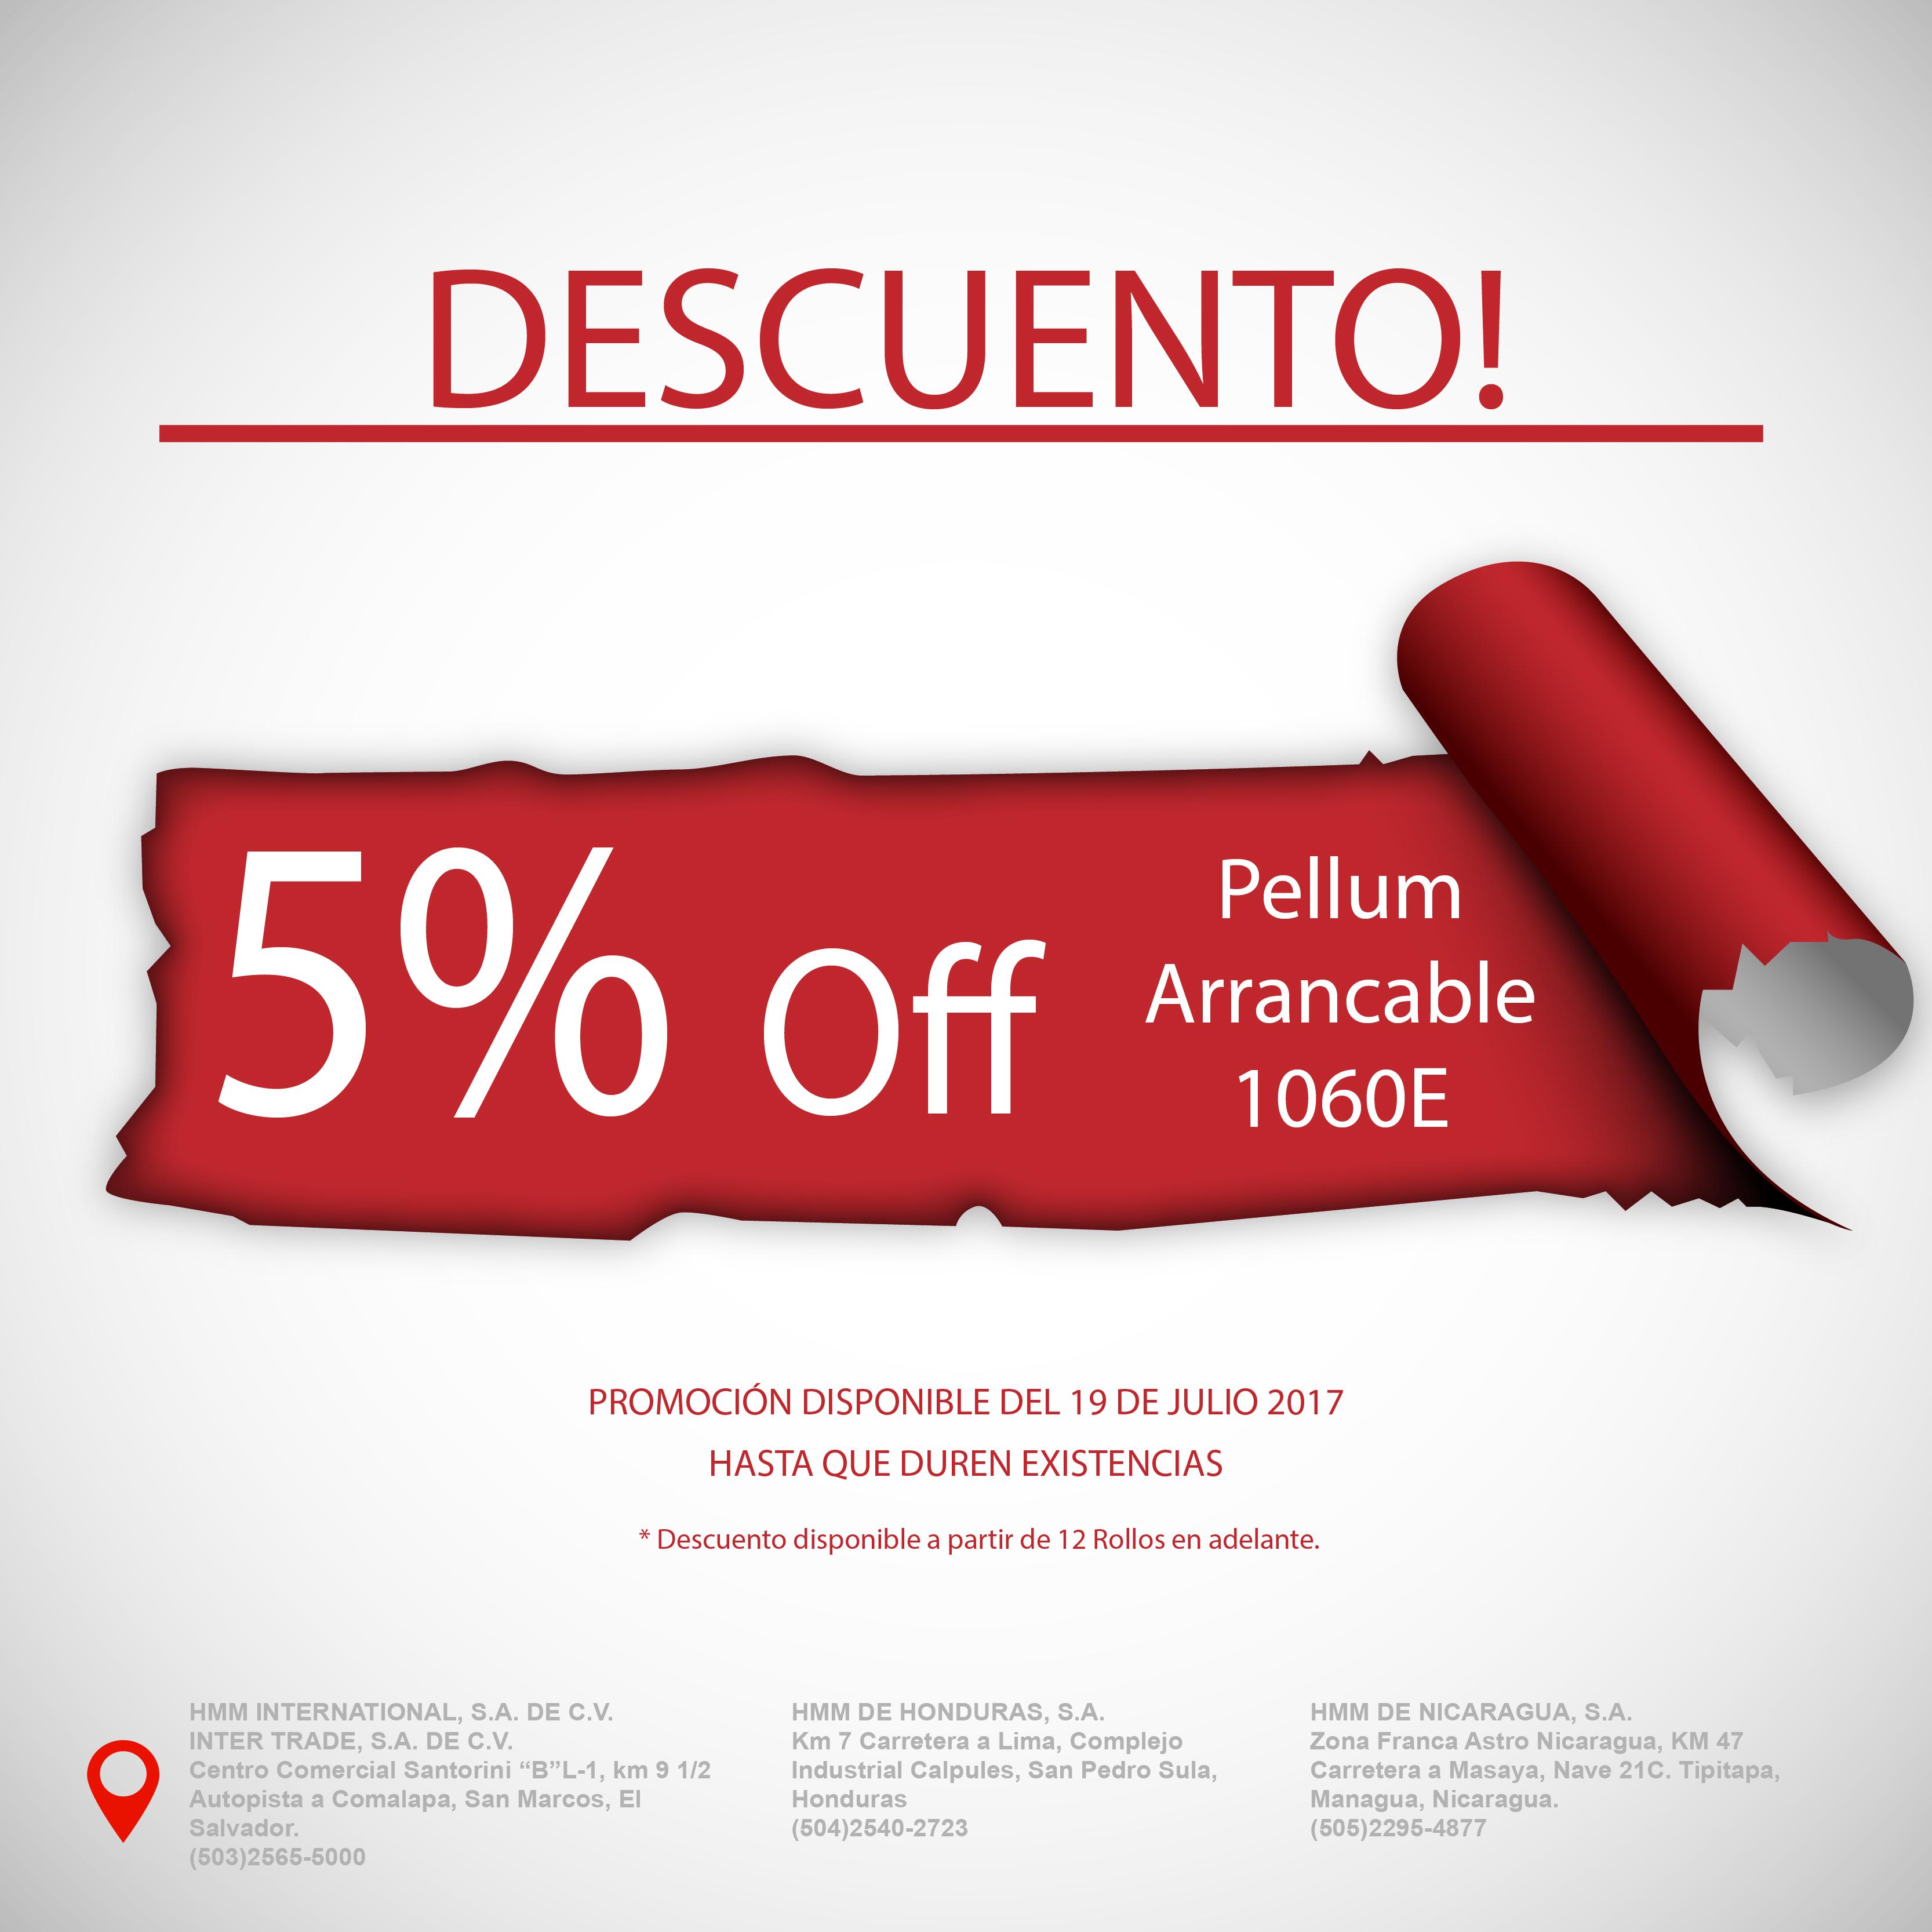 5% De Descuento en Pellum Arrancable 1060E | Grupo HMM